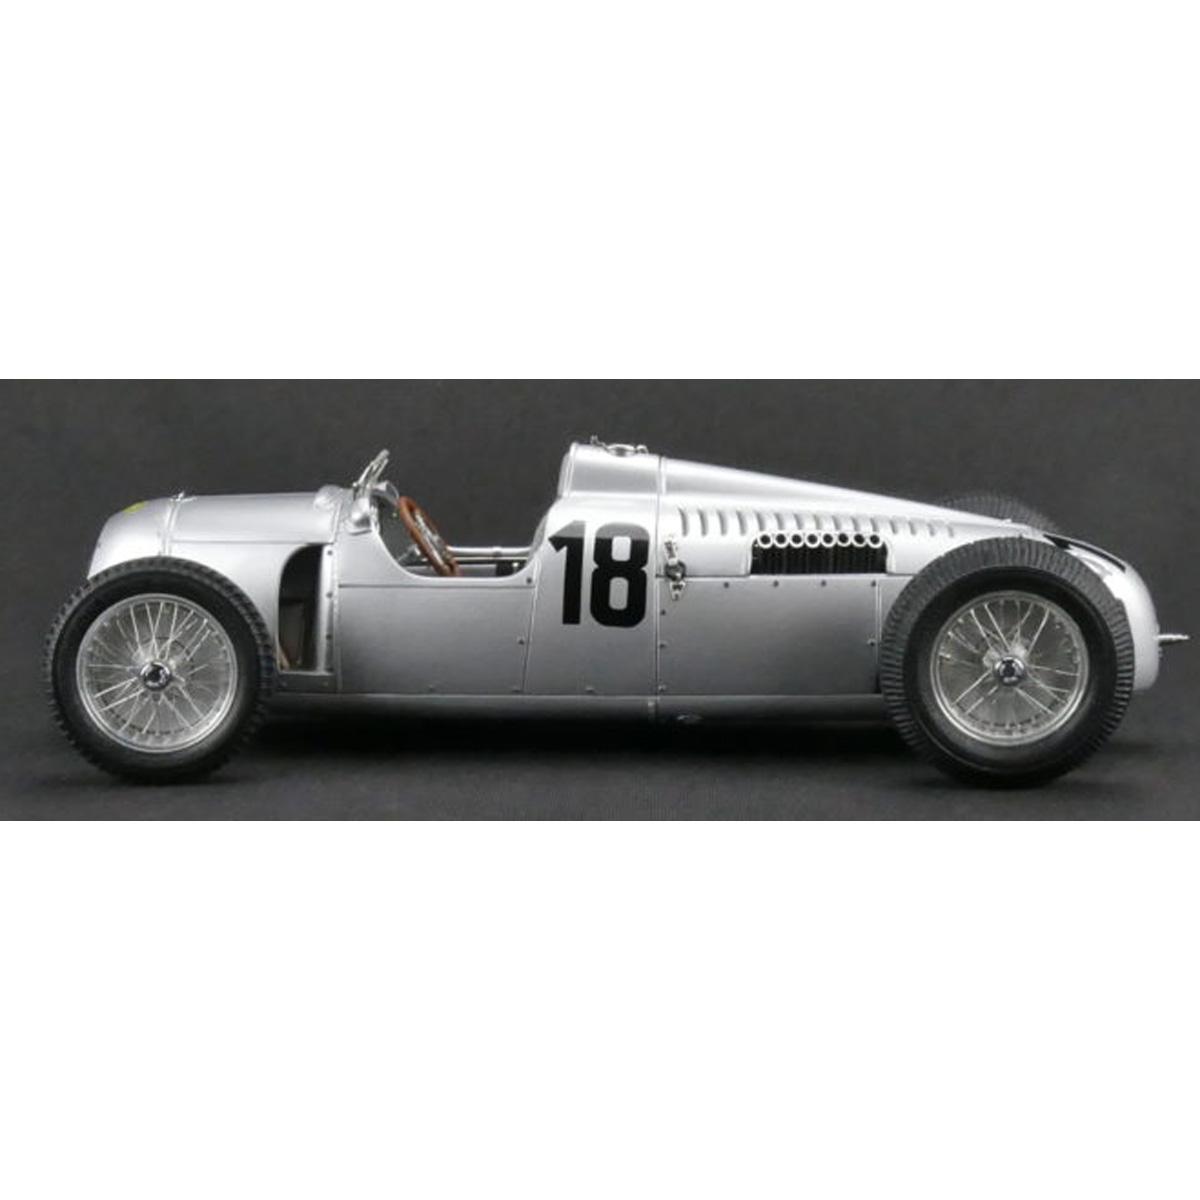 Auto Union Type C, 1936 Nurburgring, #18 Rosemeyer, Lim Ed 1500